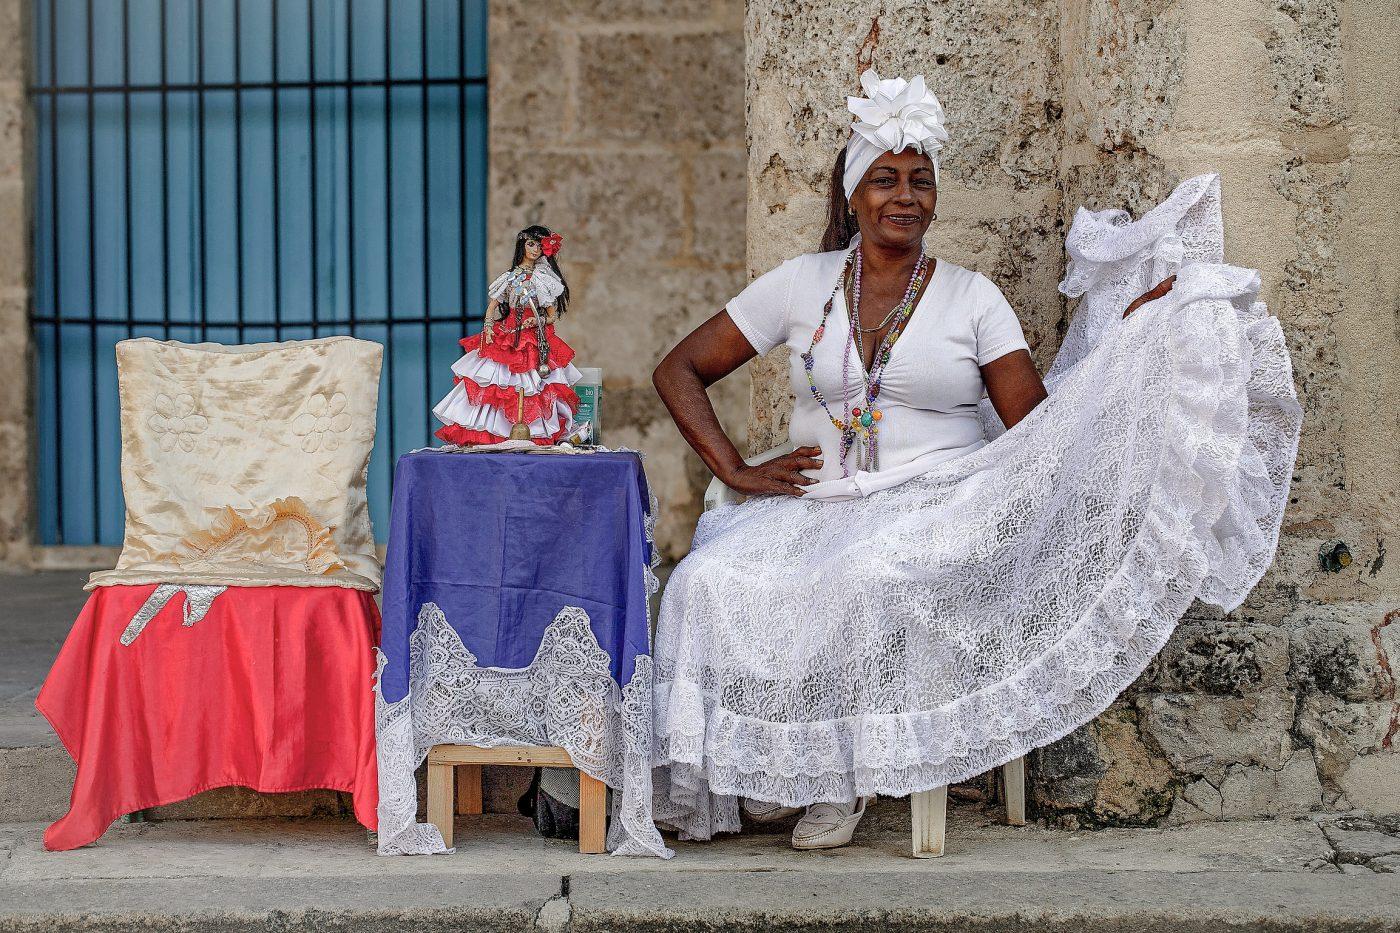 Cuba (21) by Robin Yong